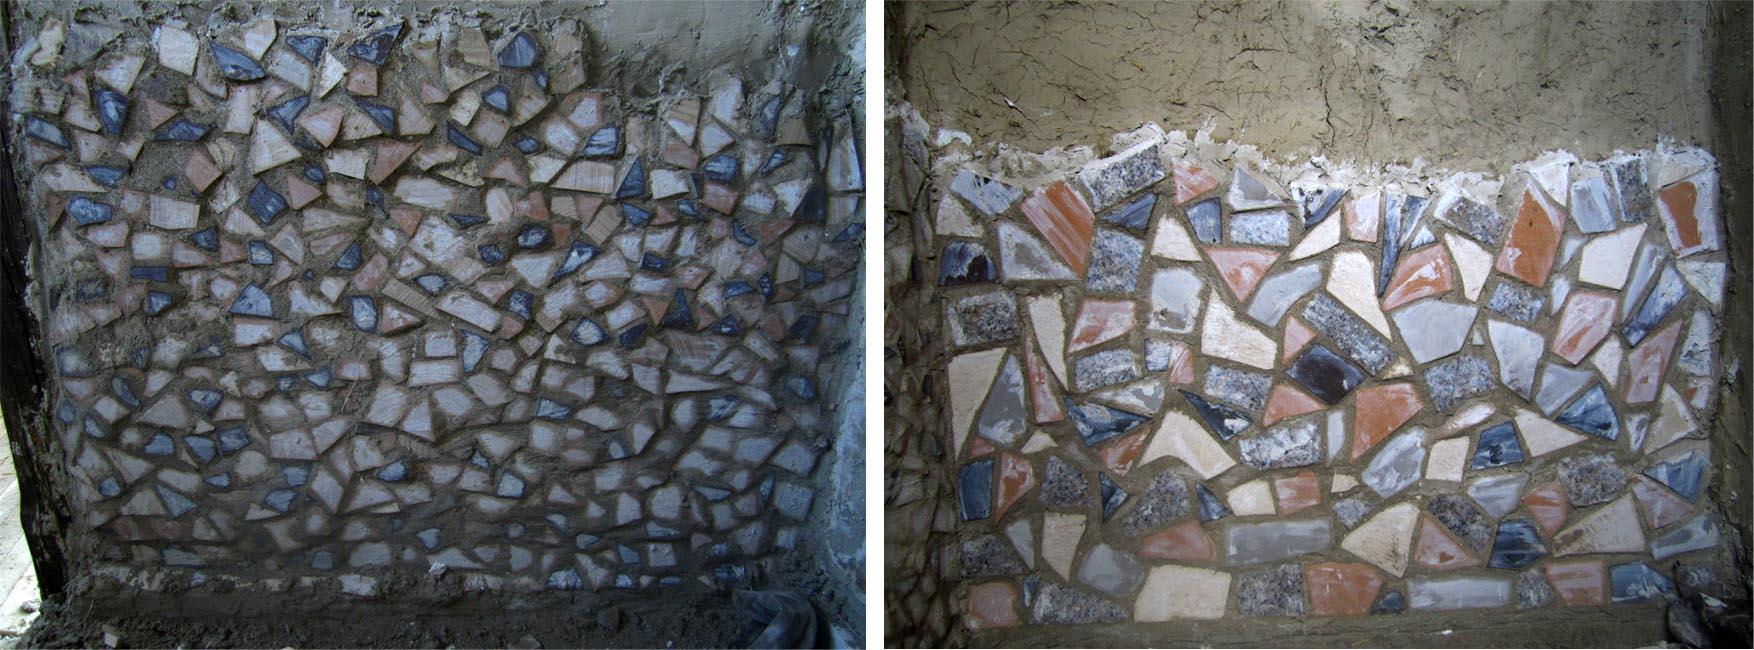 04 mozaik od plocica i krecnog maltera